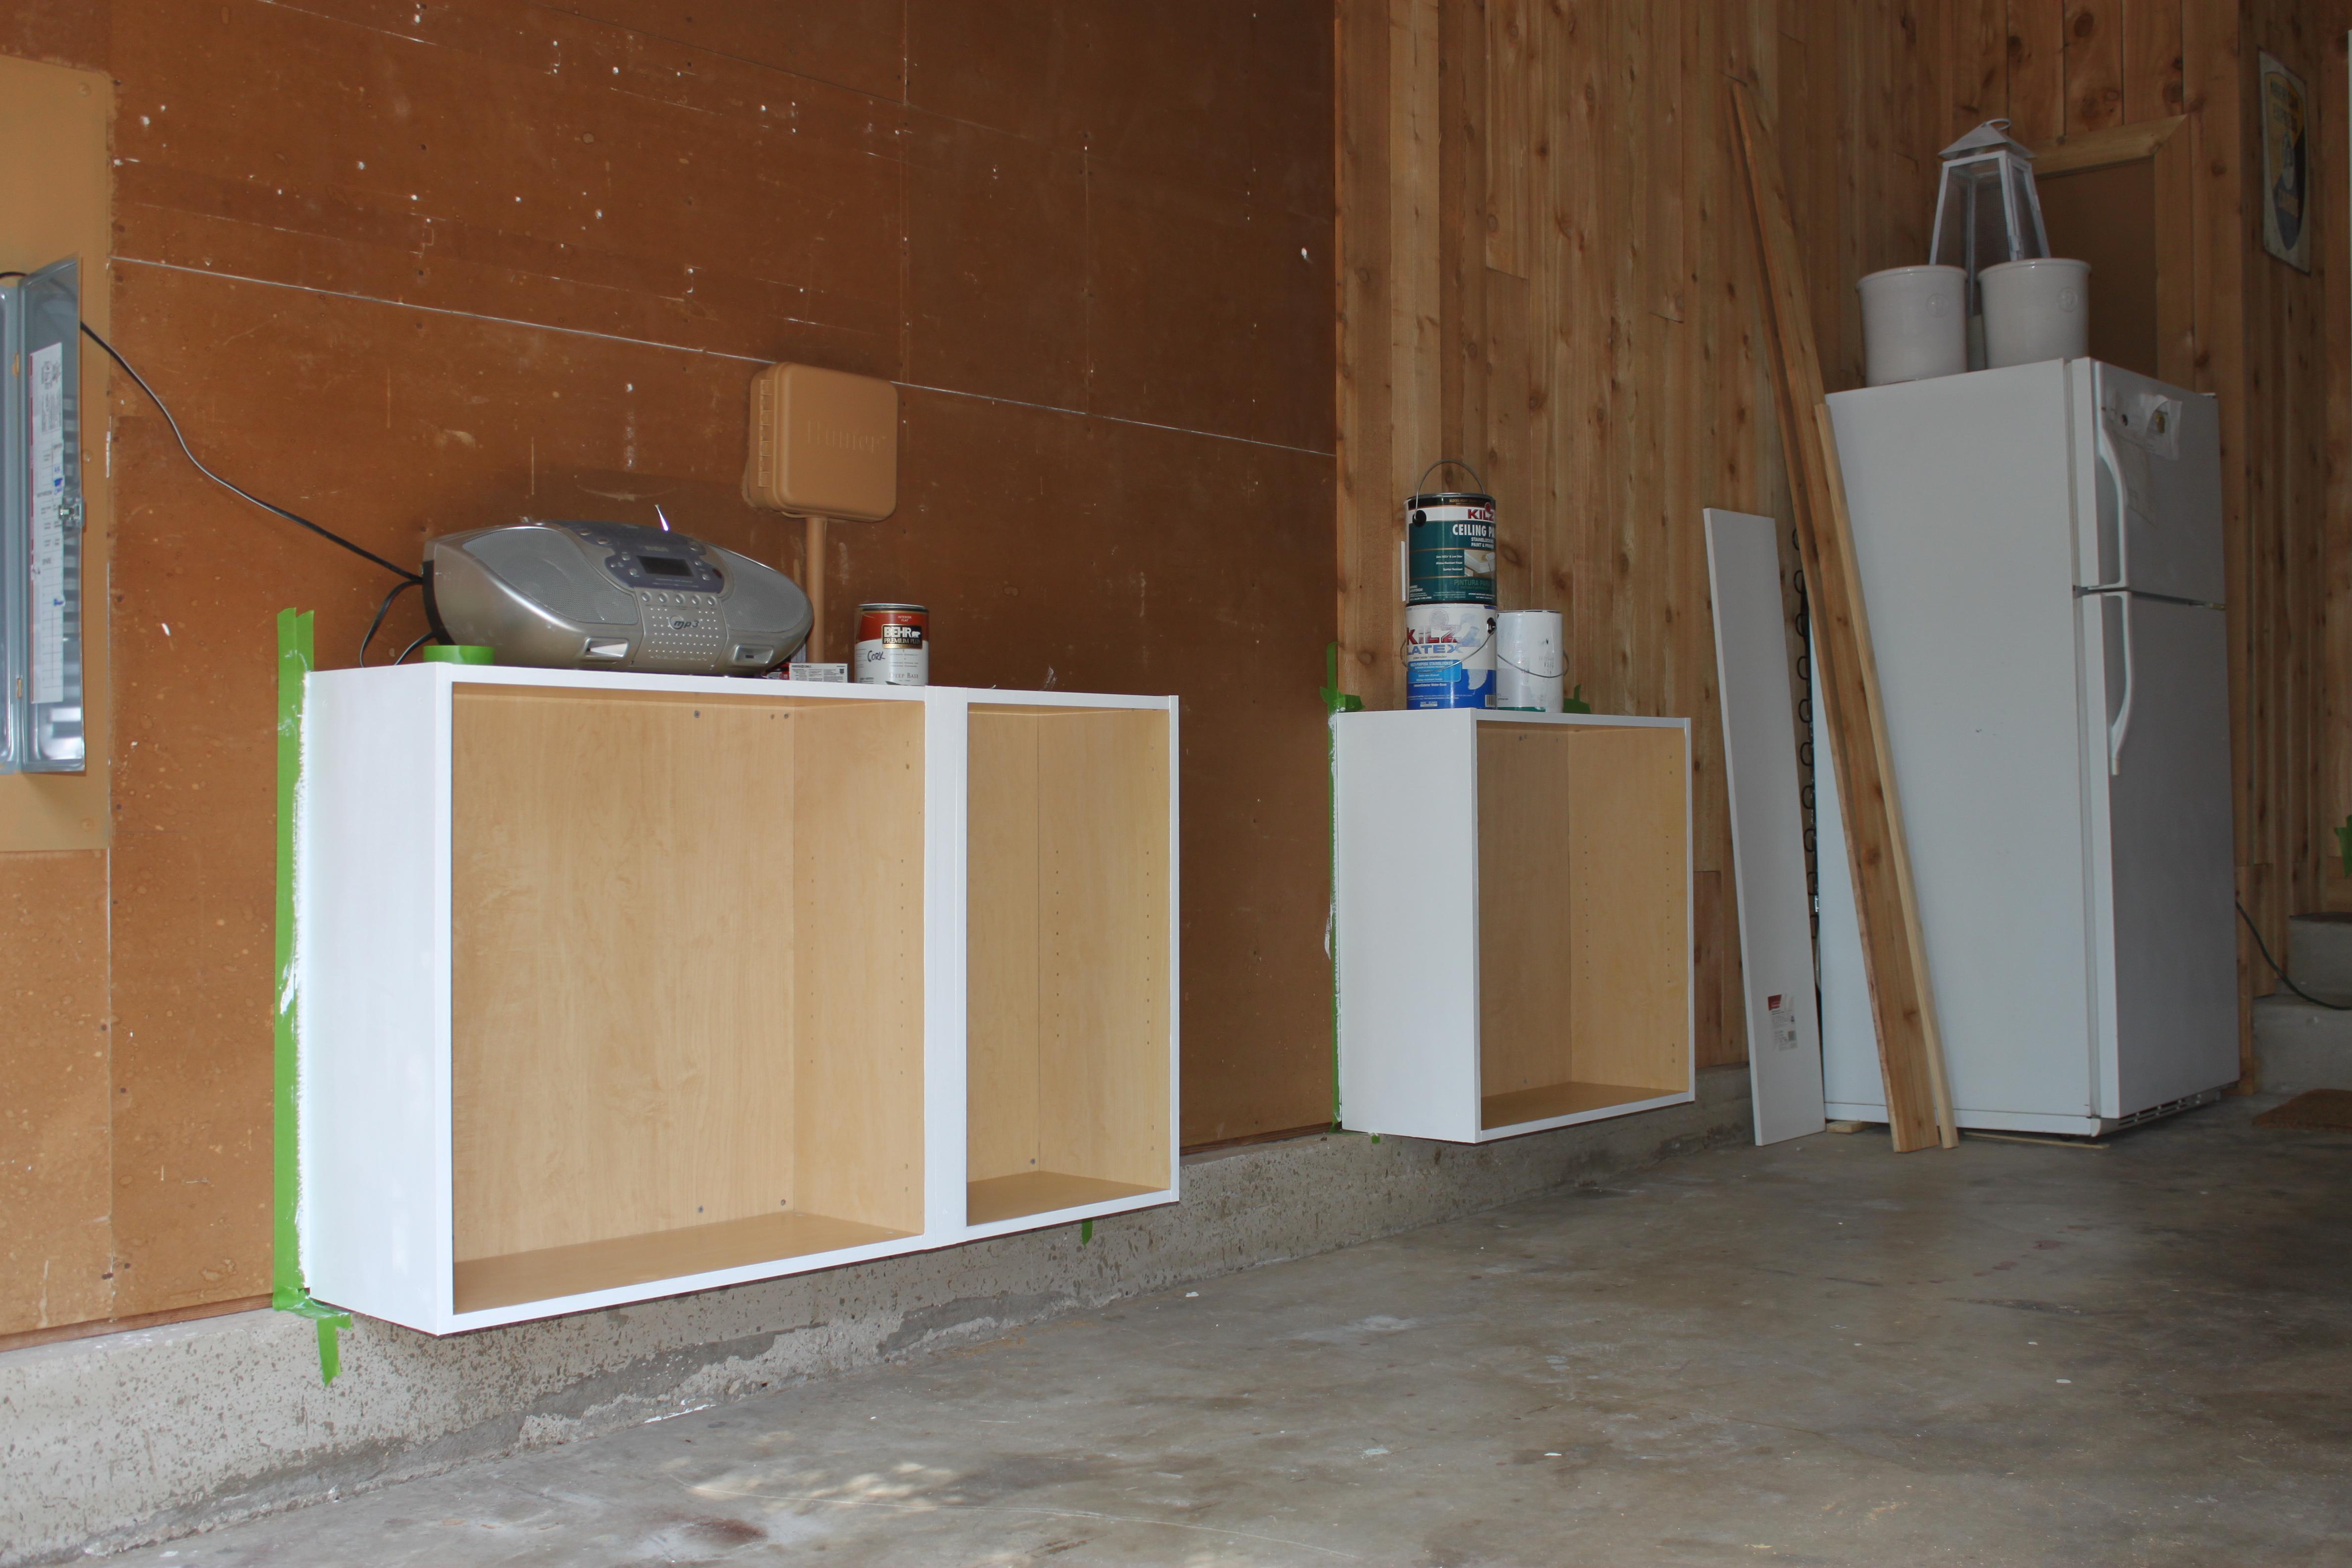 Garage shelving plans with doors. how to build wooden garage doors ...